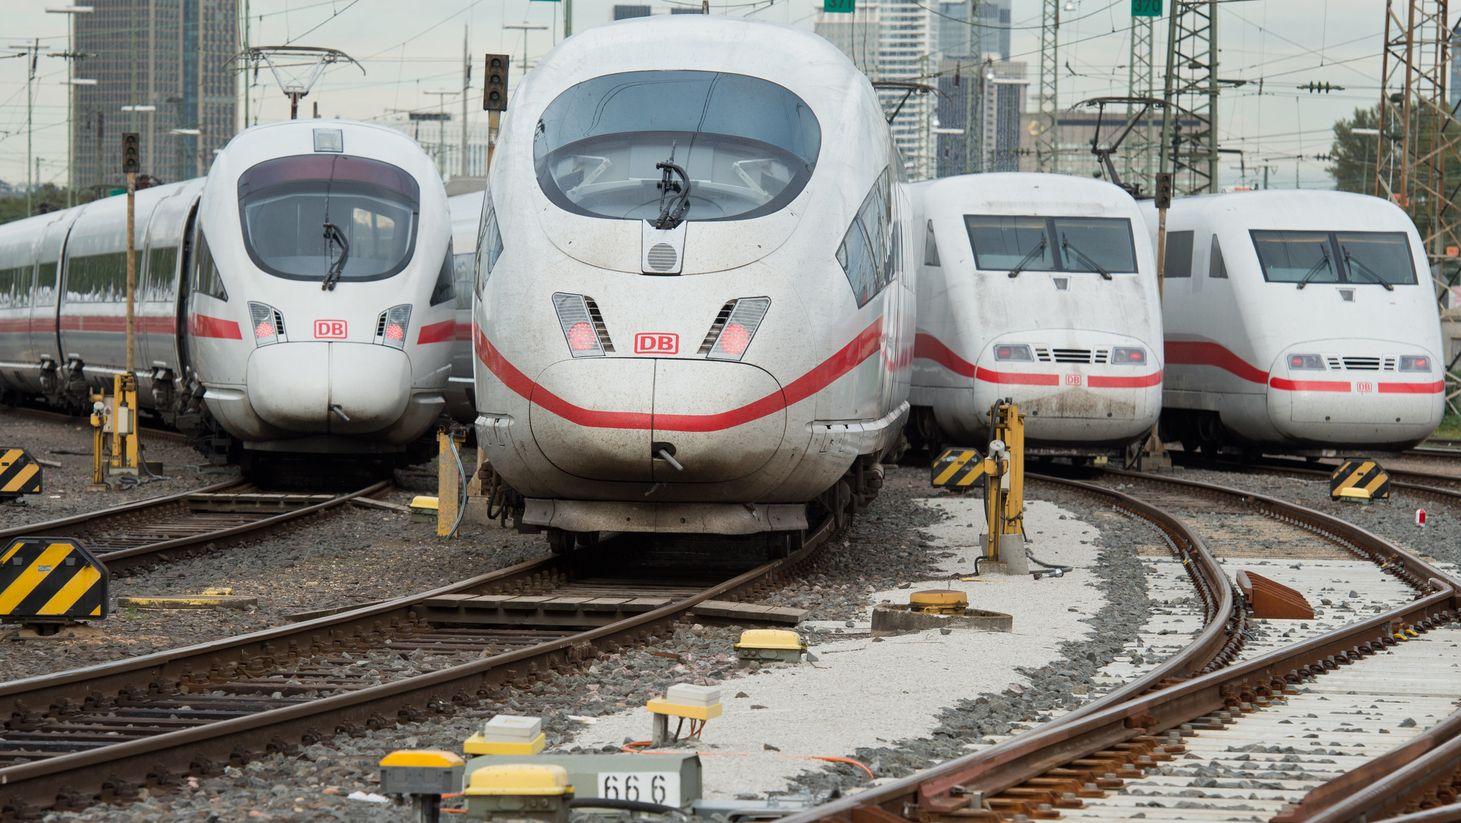 Abgestellte ICE-Triebwagen am Hauptbahnhof Frankfurt